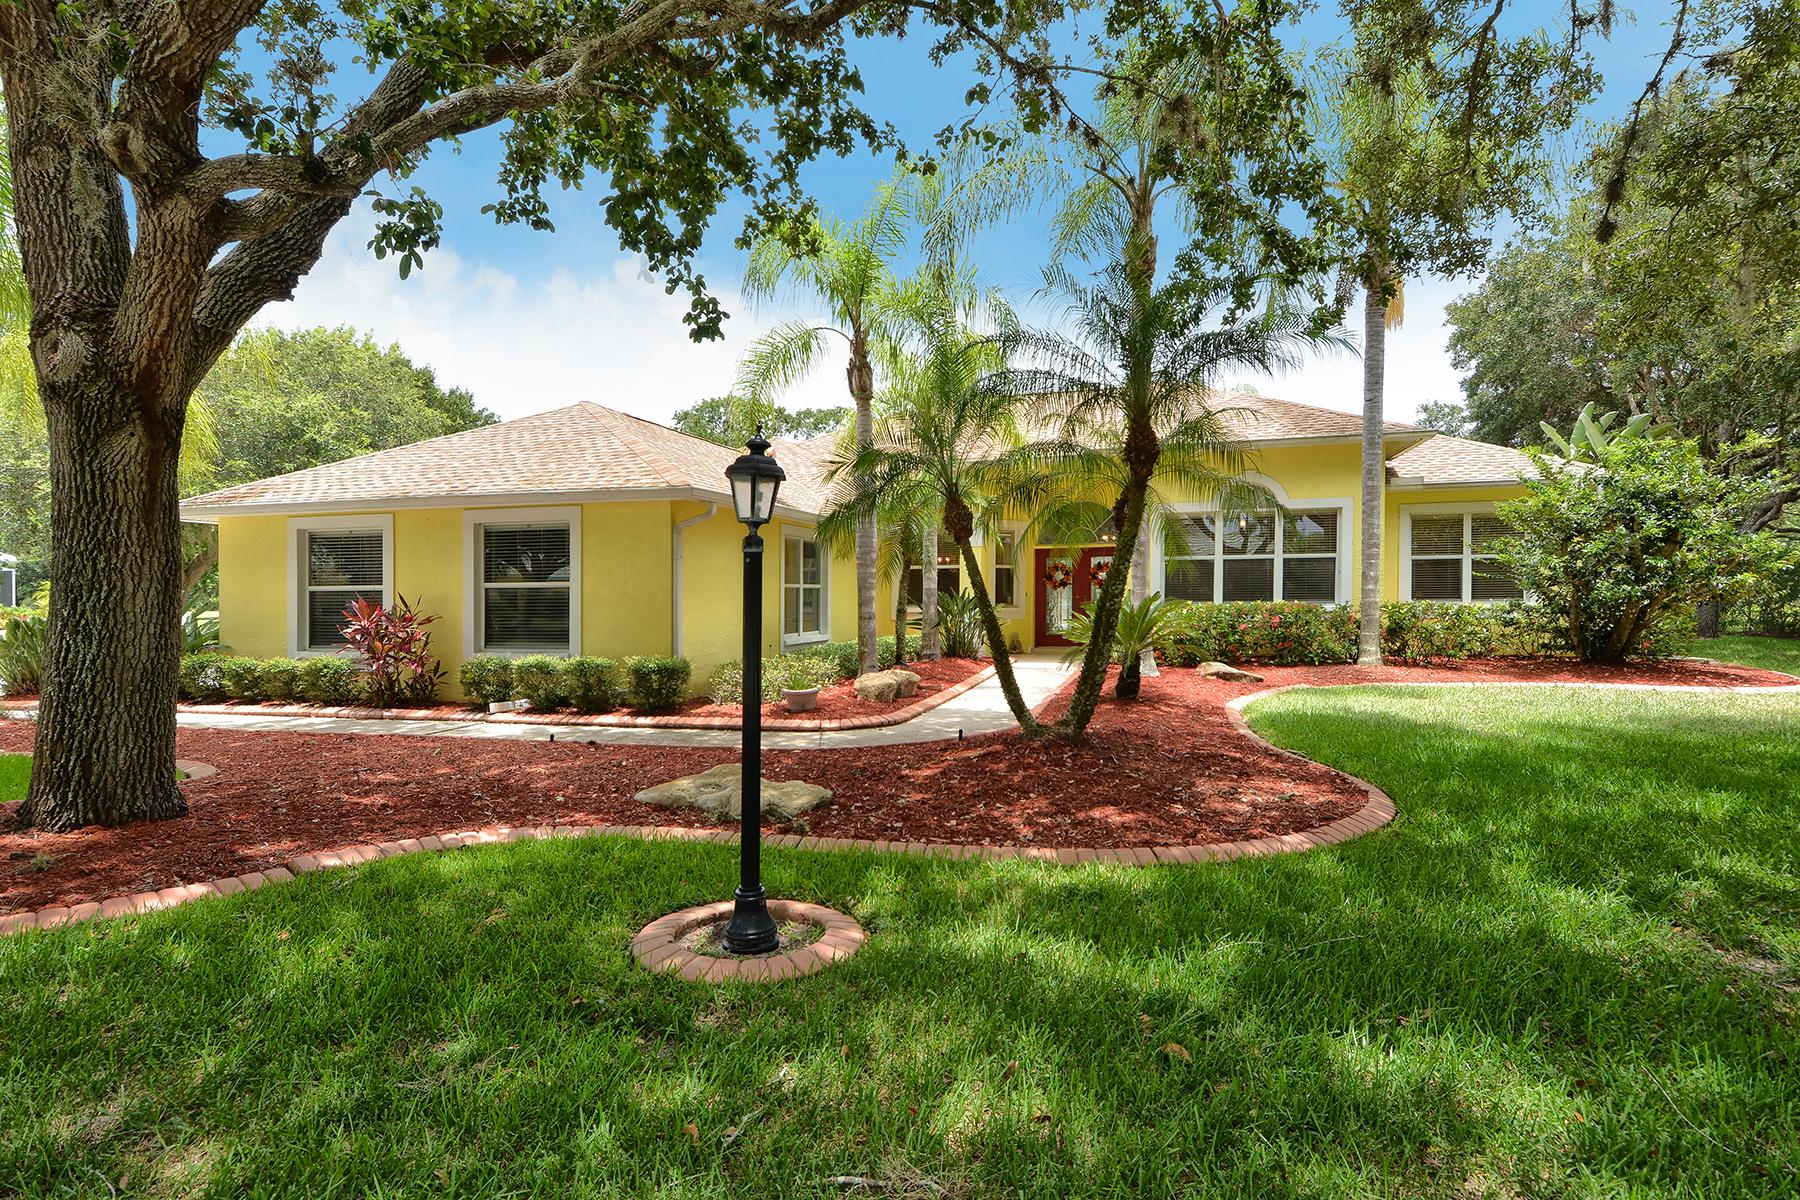 独户住宅 为 销售 在 SARASOTA 7161 N Serenoa Dr Sarasota, 佛罗里达州 34241 美国